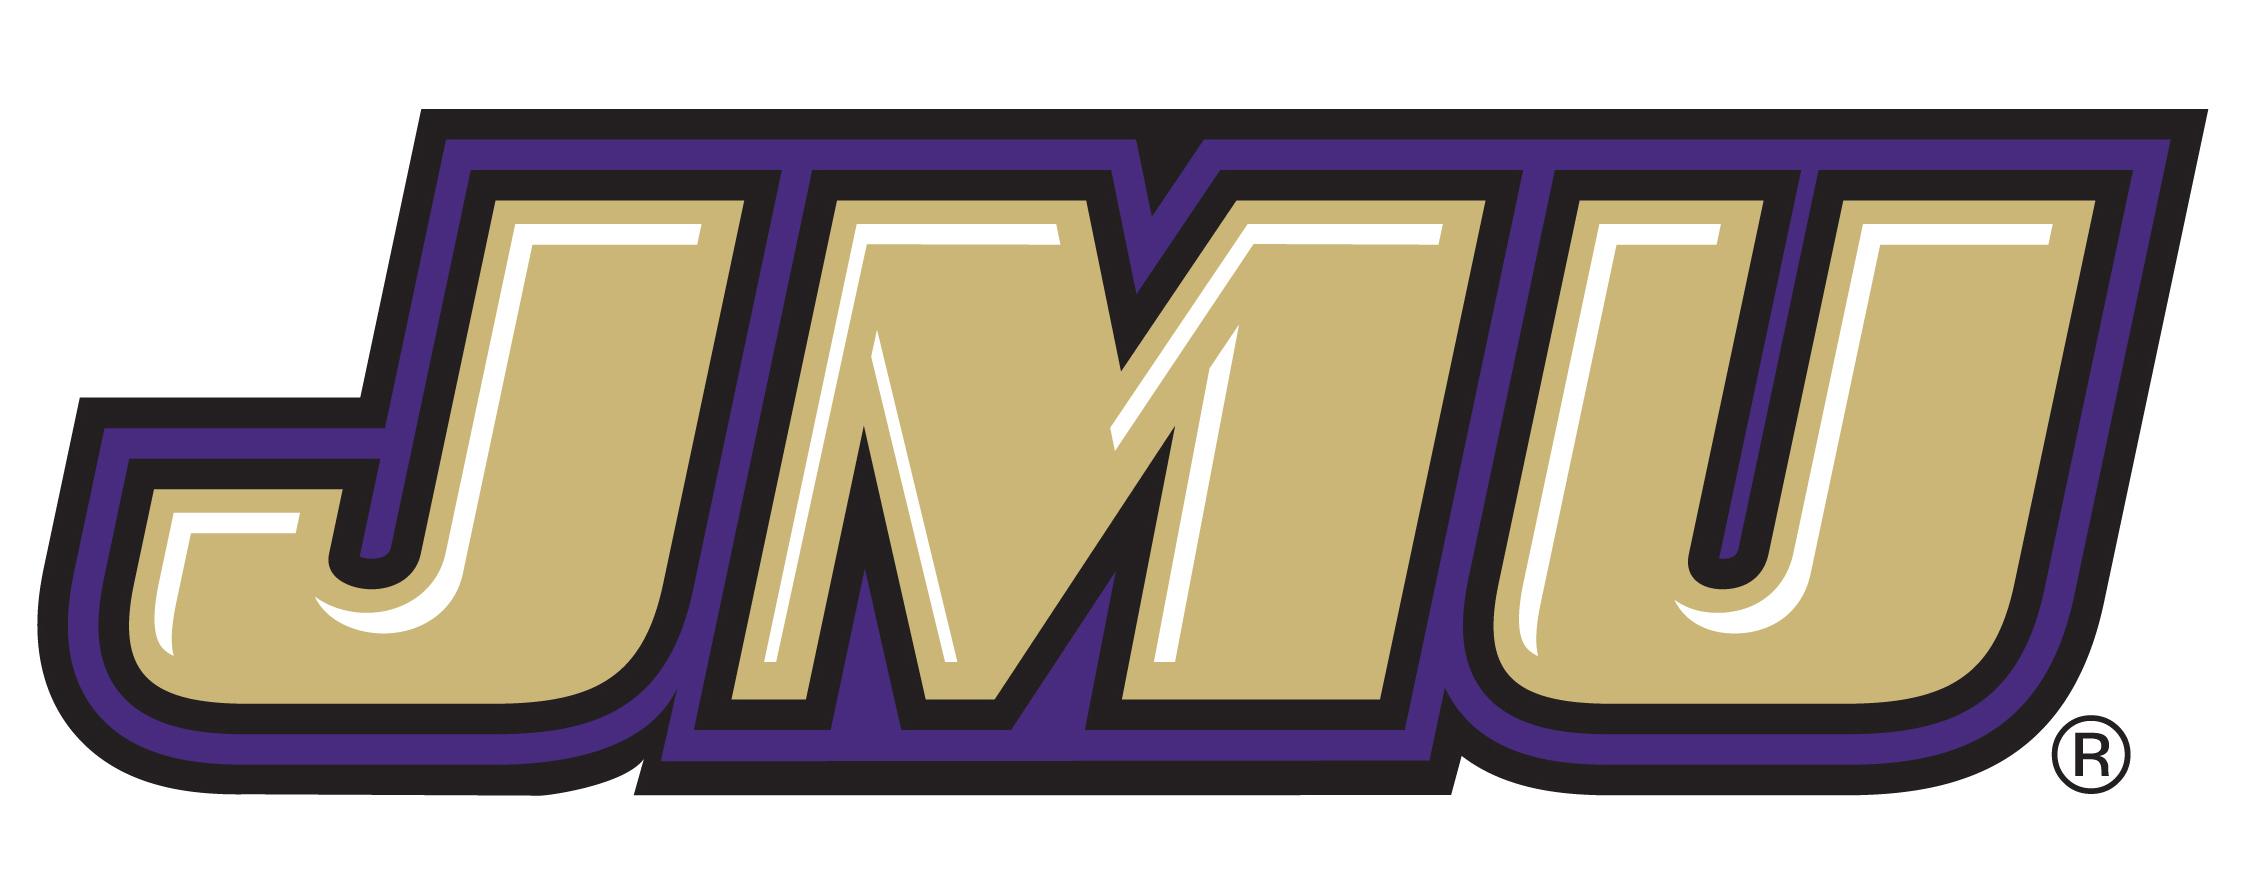 James Madison University logo update.